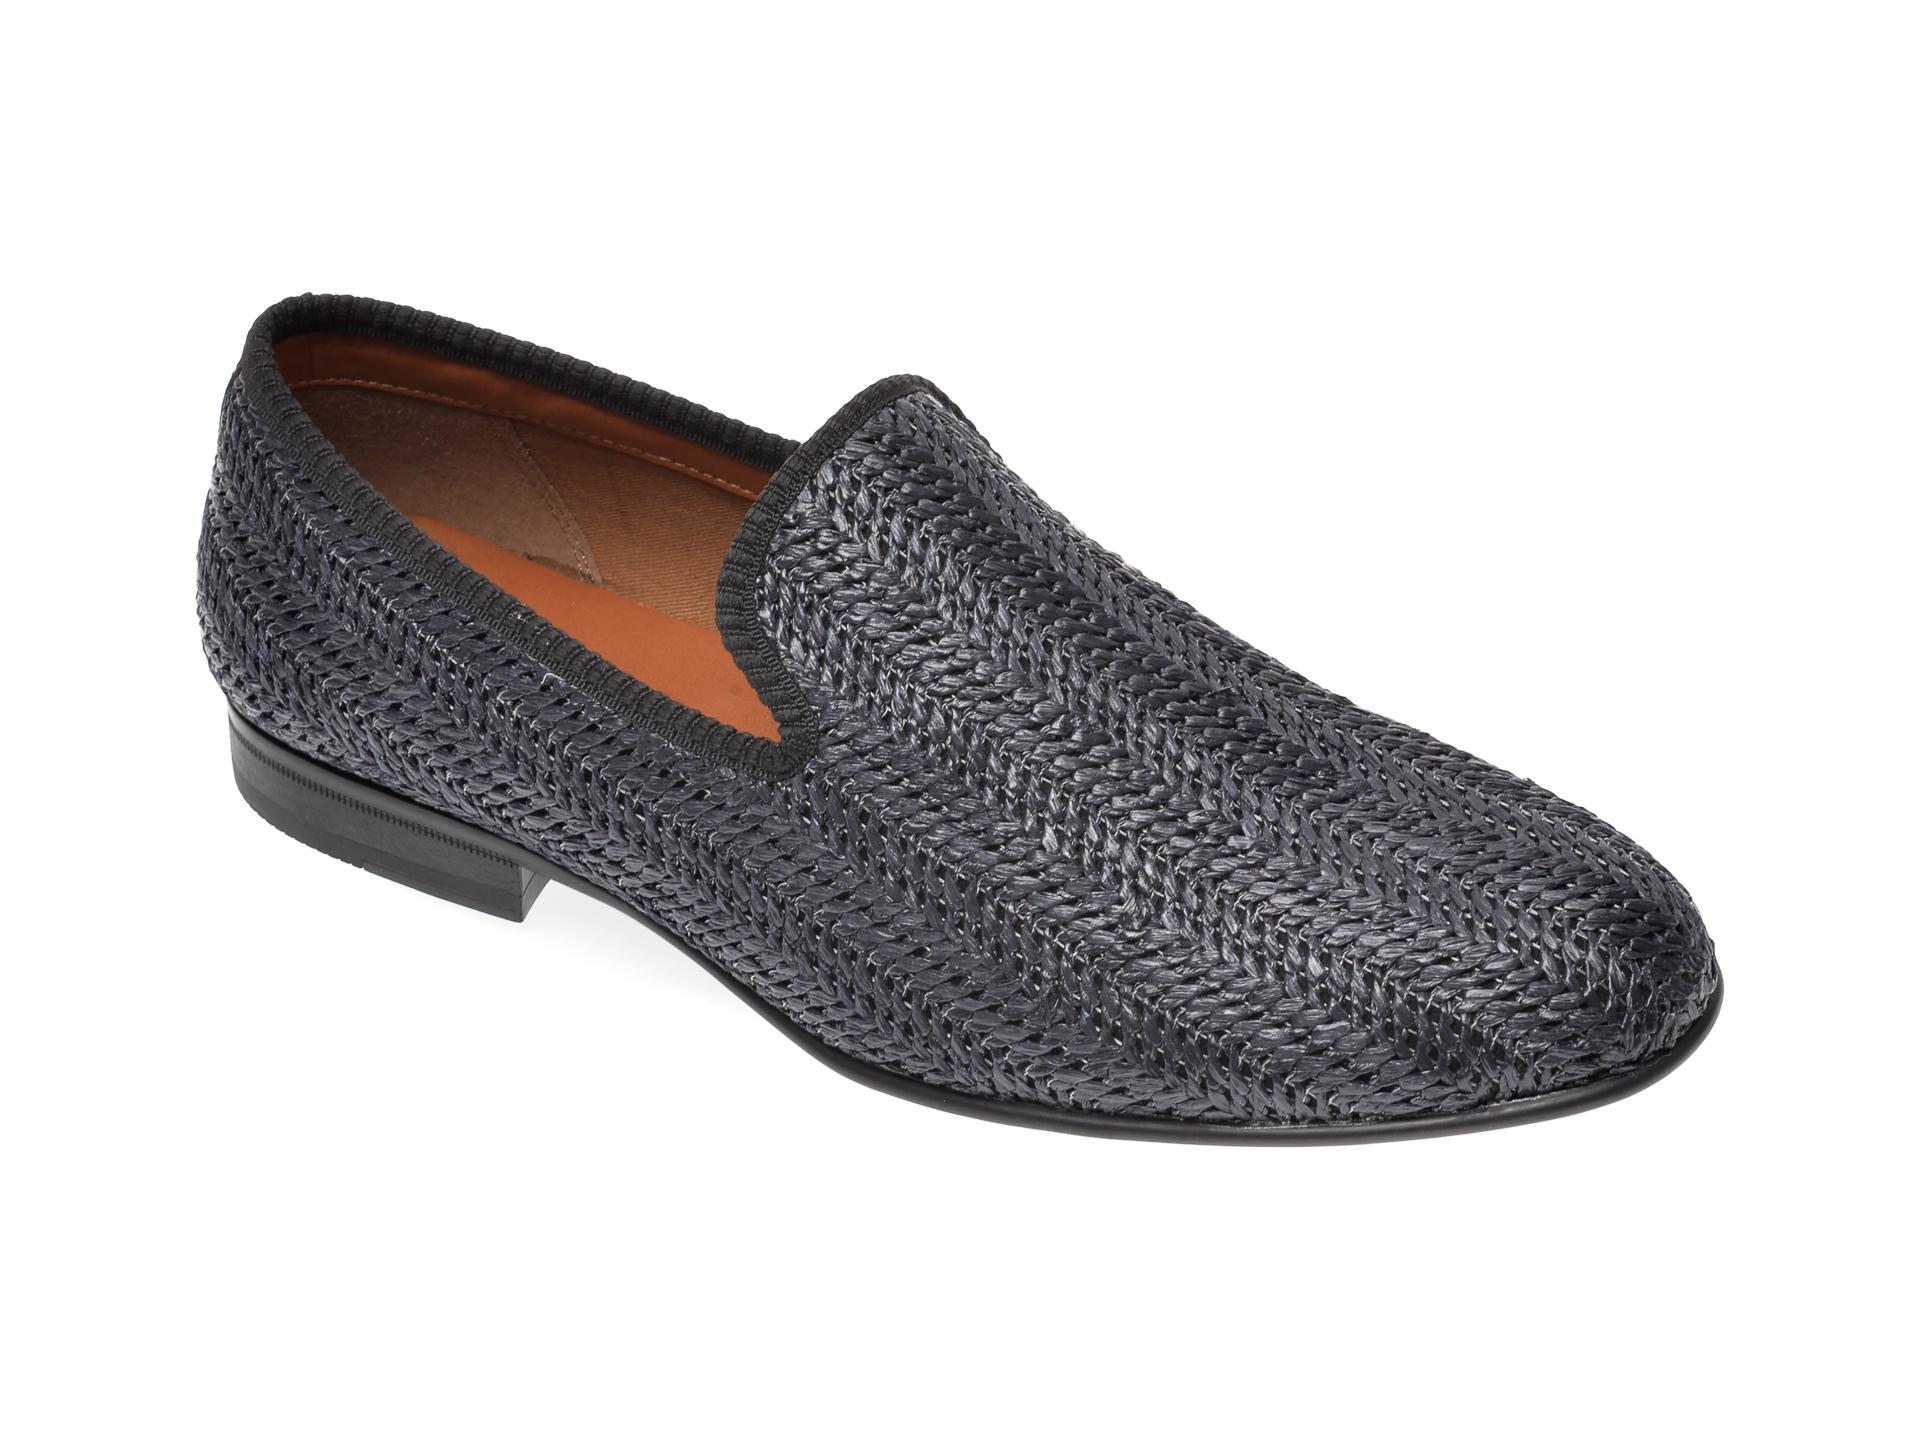 Pantofi ALDO negri, Dahlby001, din material textil imagine